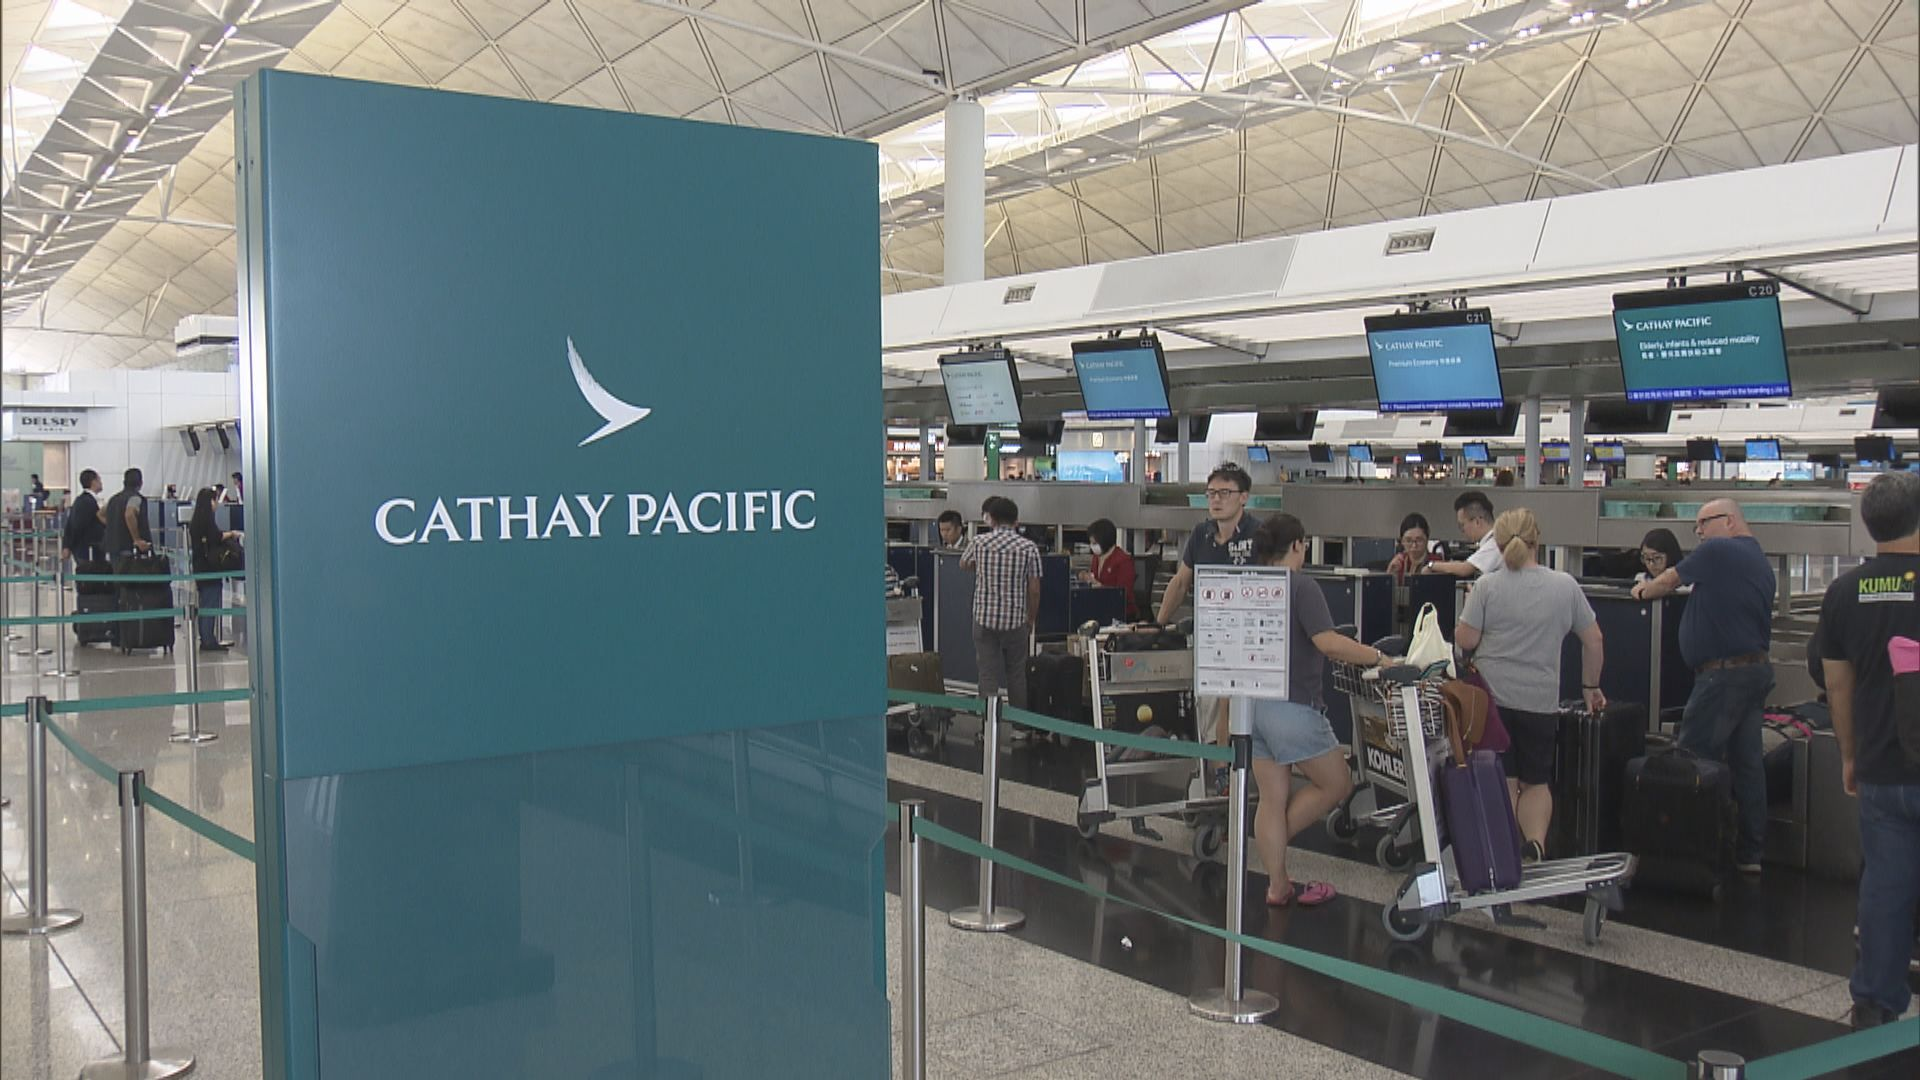 有乘客批評國泰延遲公布資料外洩事件